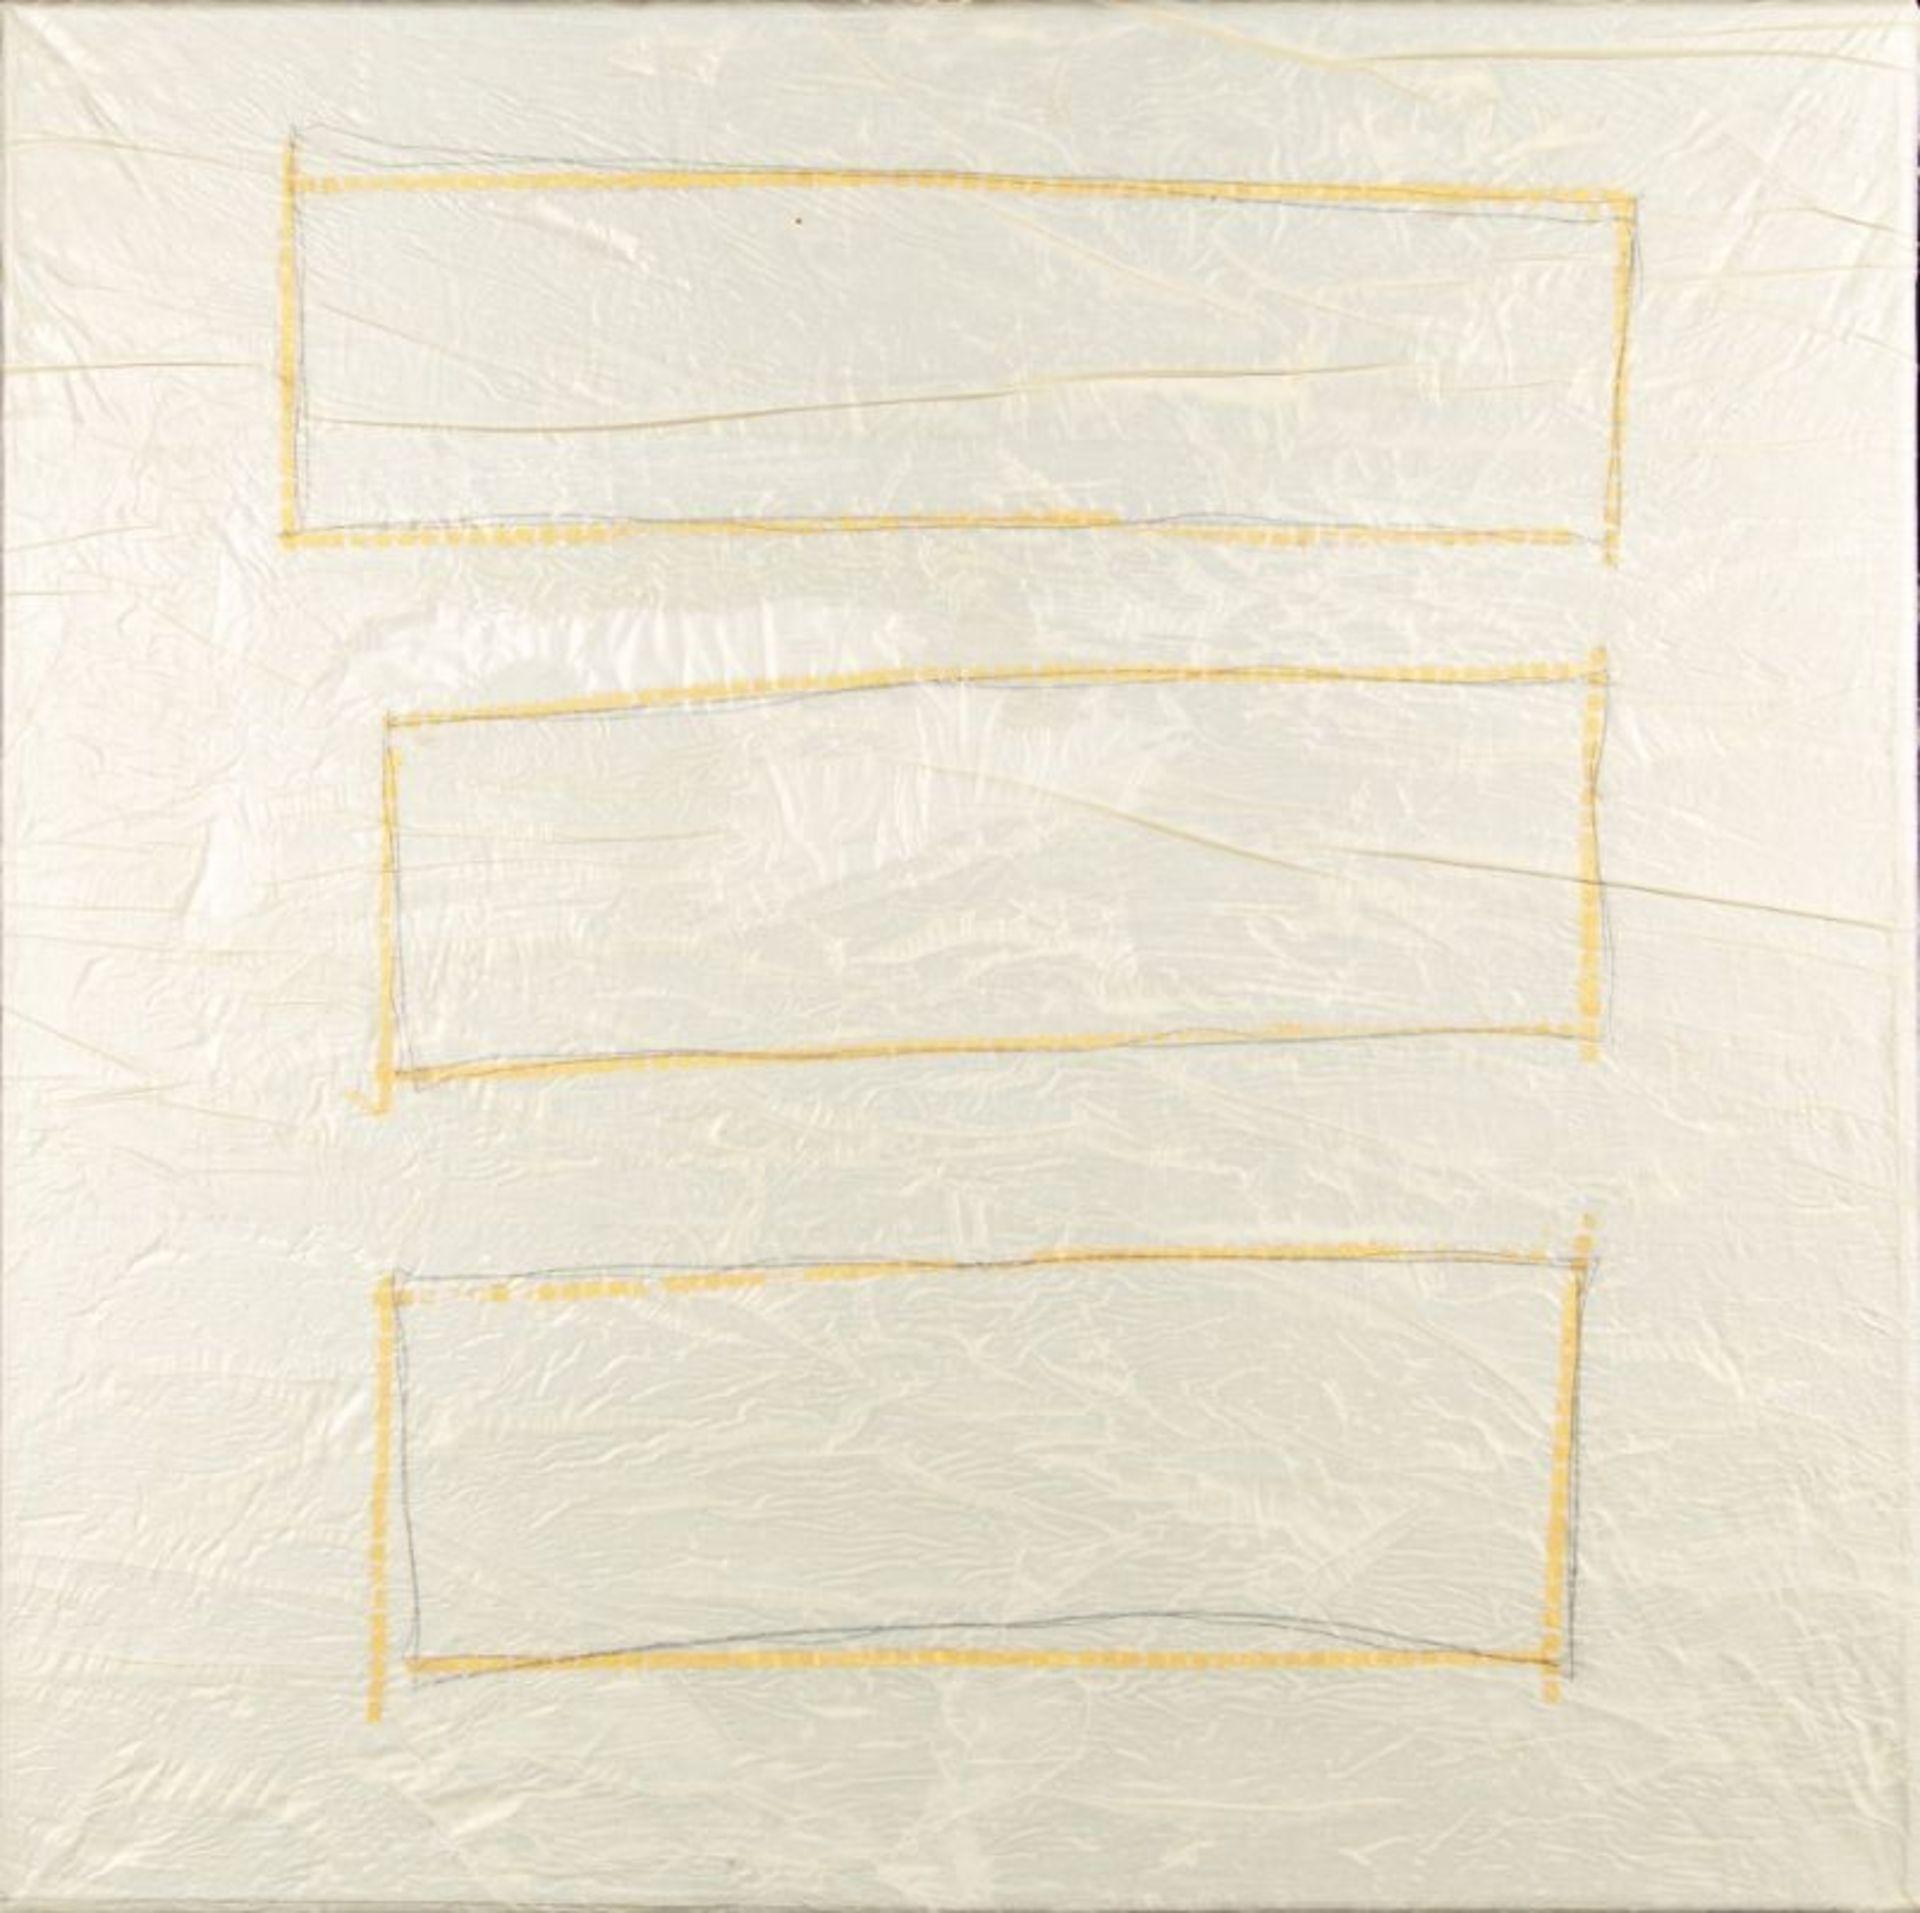 RUDI STANZEL(1958 LINZ)THEO D'ORO, 1997Mischtechnik auf Papier/Leinwand, 70 x 70 cmSignatur